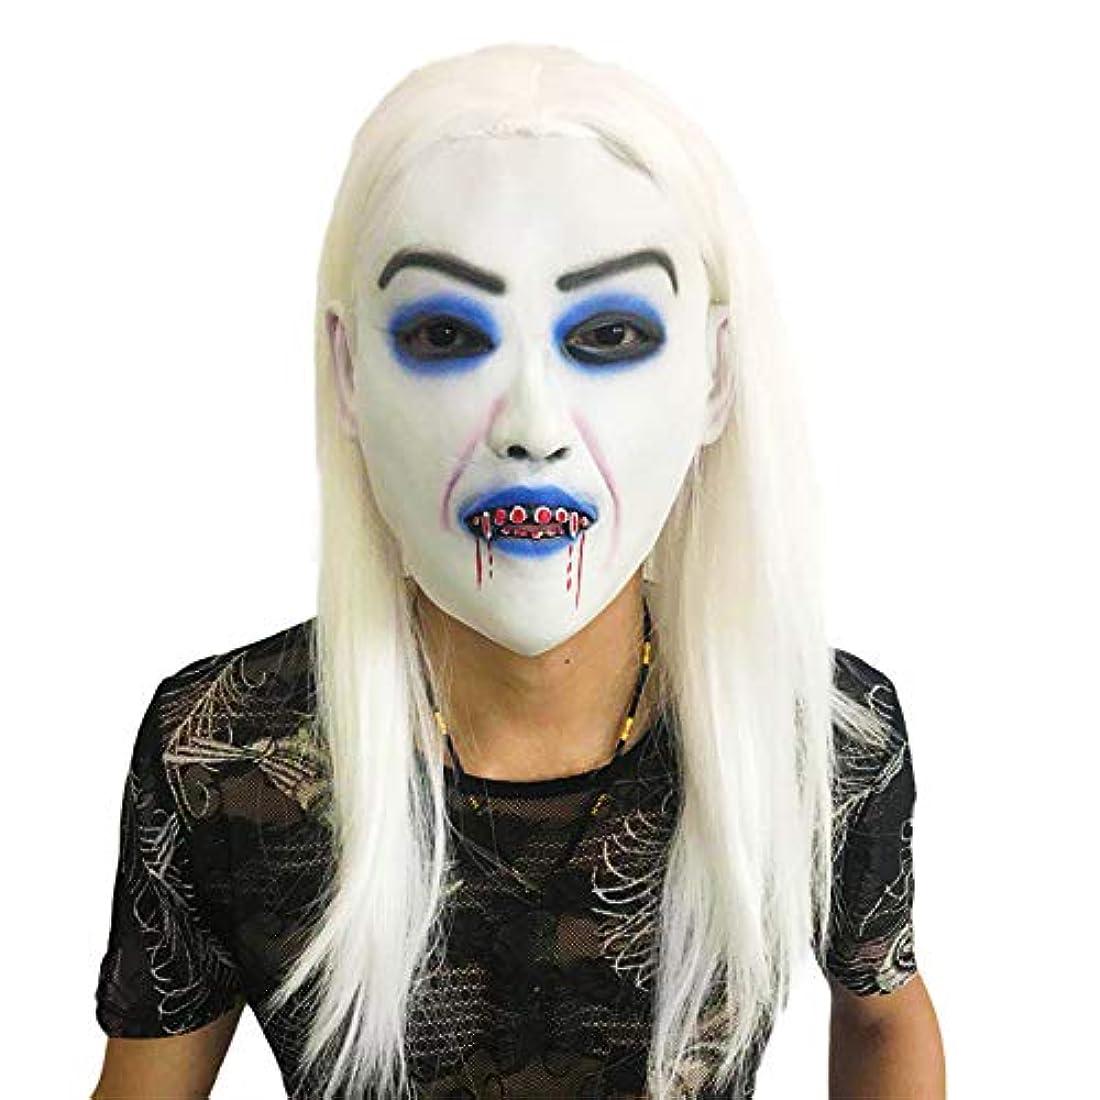 ティーンエイジャー狂気トースト白髪ブリードホラー女性ゴーストマスク長い髪怖いマスクハロウィーンの衣装ショーのパフォーマンスセットの小道具